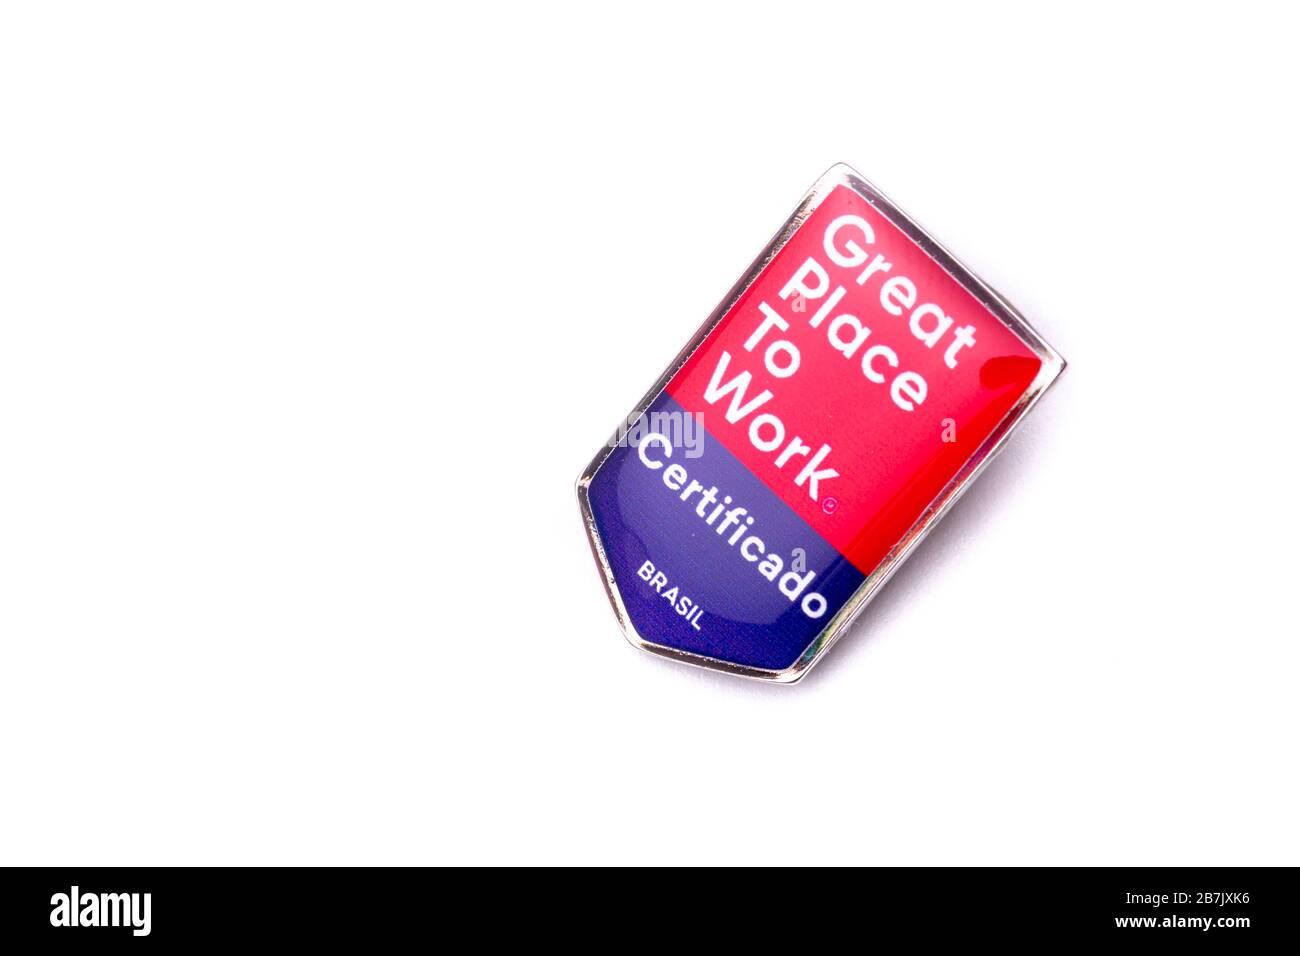 """Pulsante Clasp con il testo ottimo posto per lavorare su una superficie riflettente rosso e blu rilievo su uno sfondo bianco. TRADUZIONE: 'CERTIFICATA. BRASILE"""" Foto Stock"""